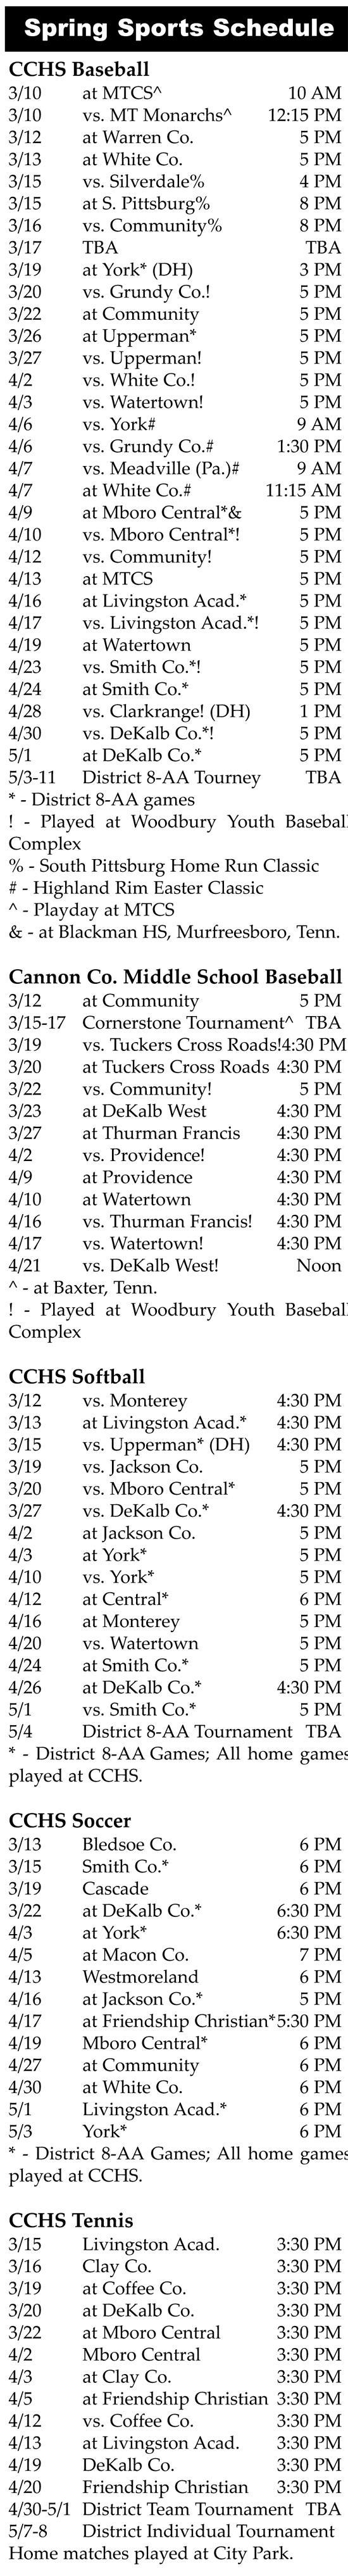 2012 Spring Sports Schedules